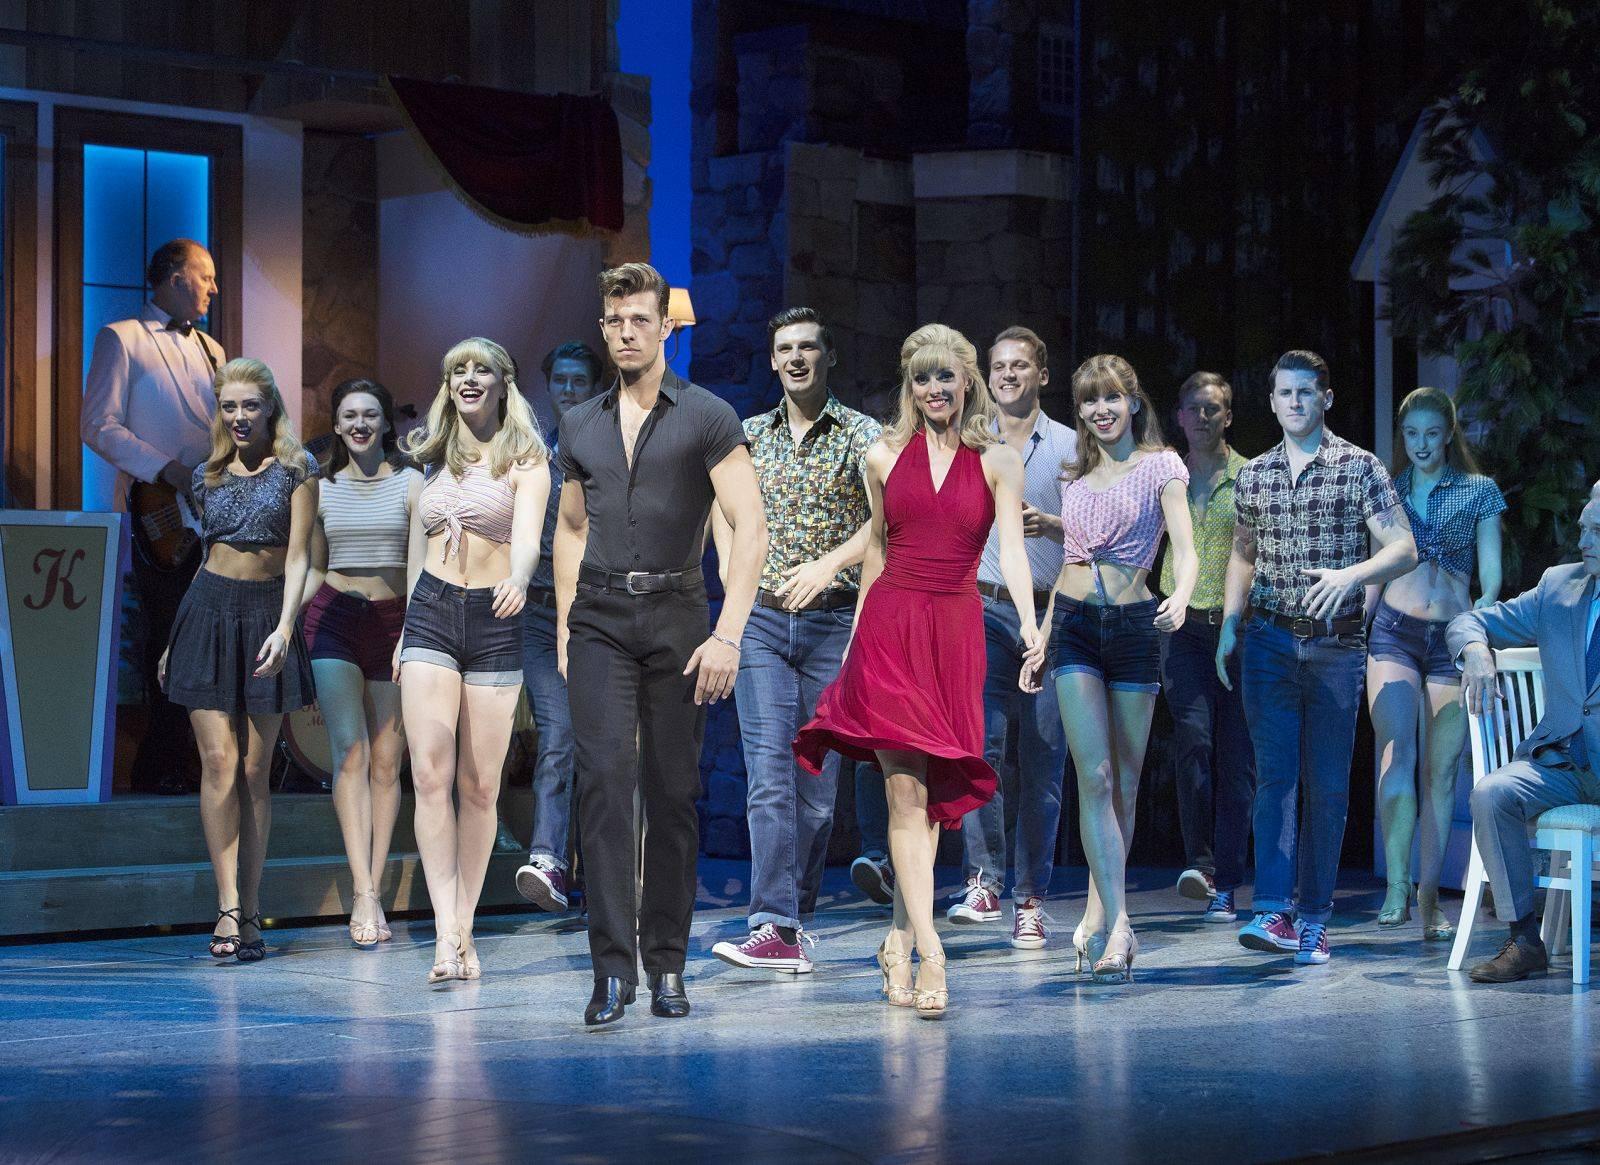 actores de dirty dancing teatro - Viaje cultural a Madrid para la obra de teatro Dirty Dancing